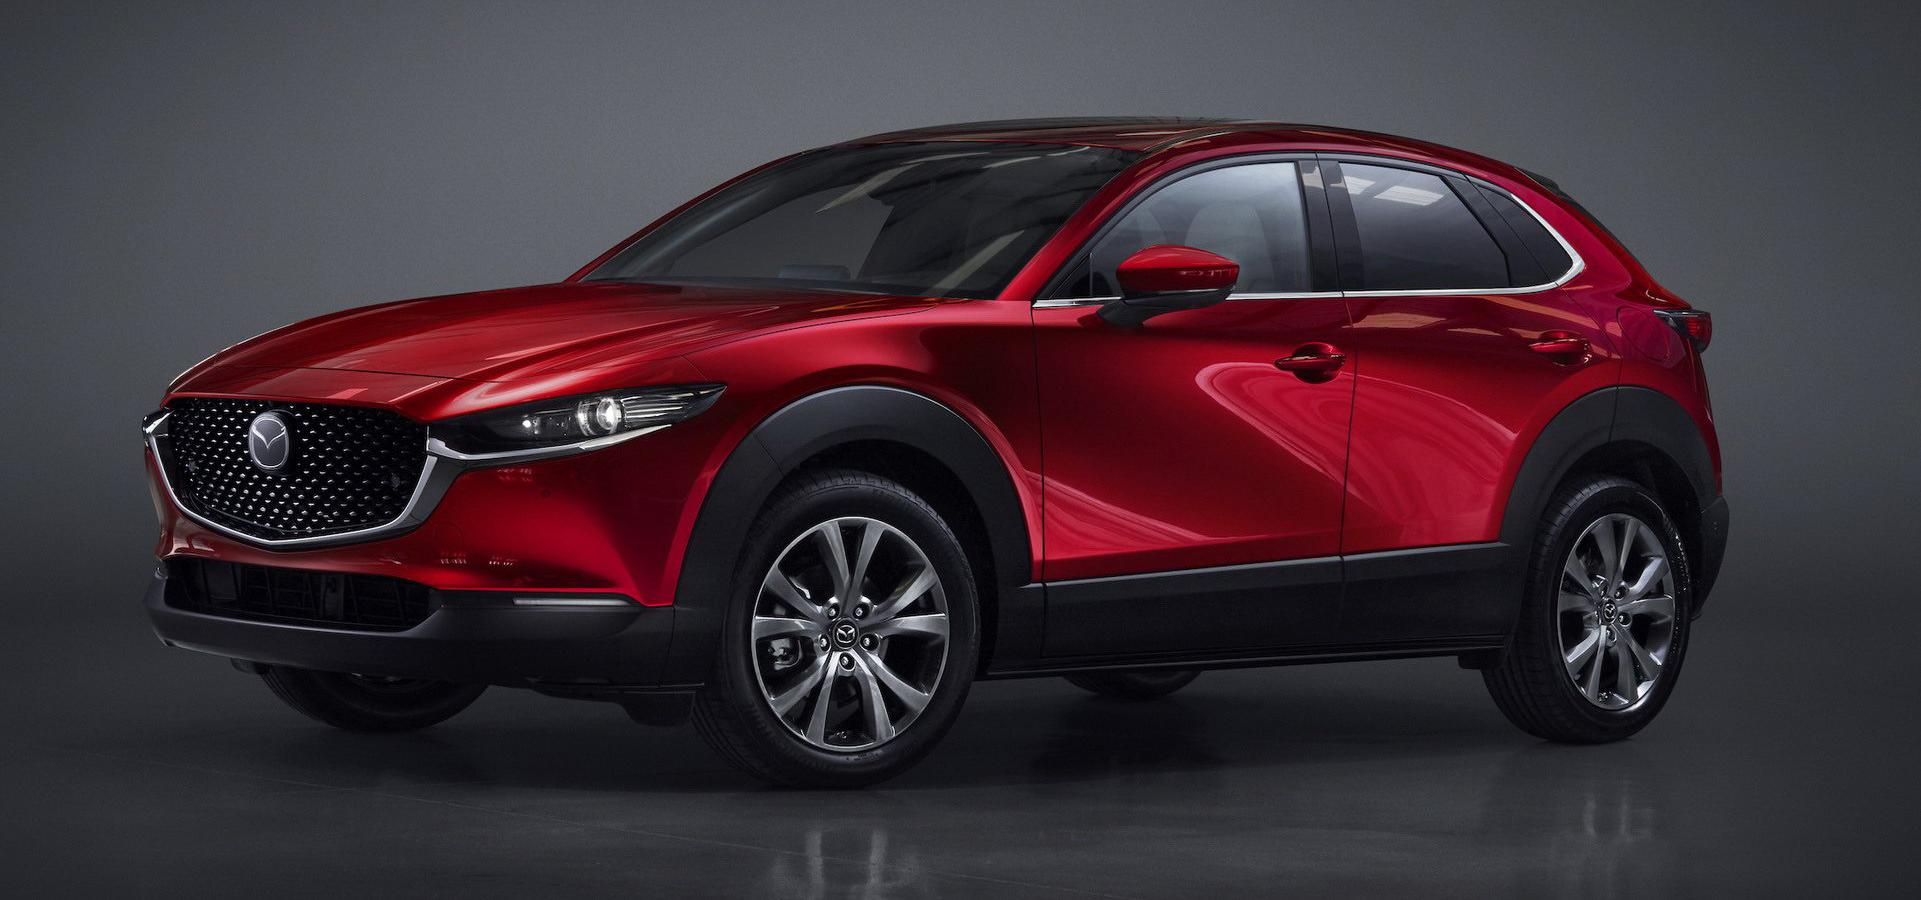 Mazda CX-30 vừa trình làng tại triển lãm ôtô Geneva 2019 - Anh 1